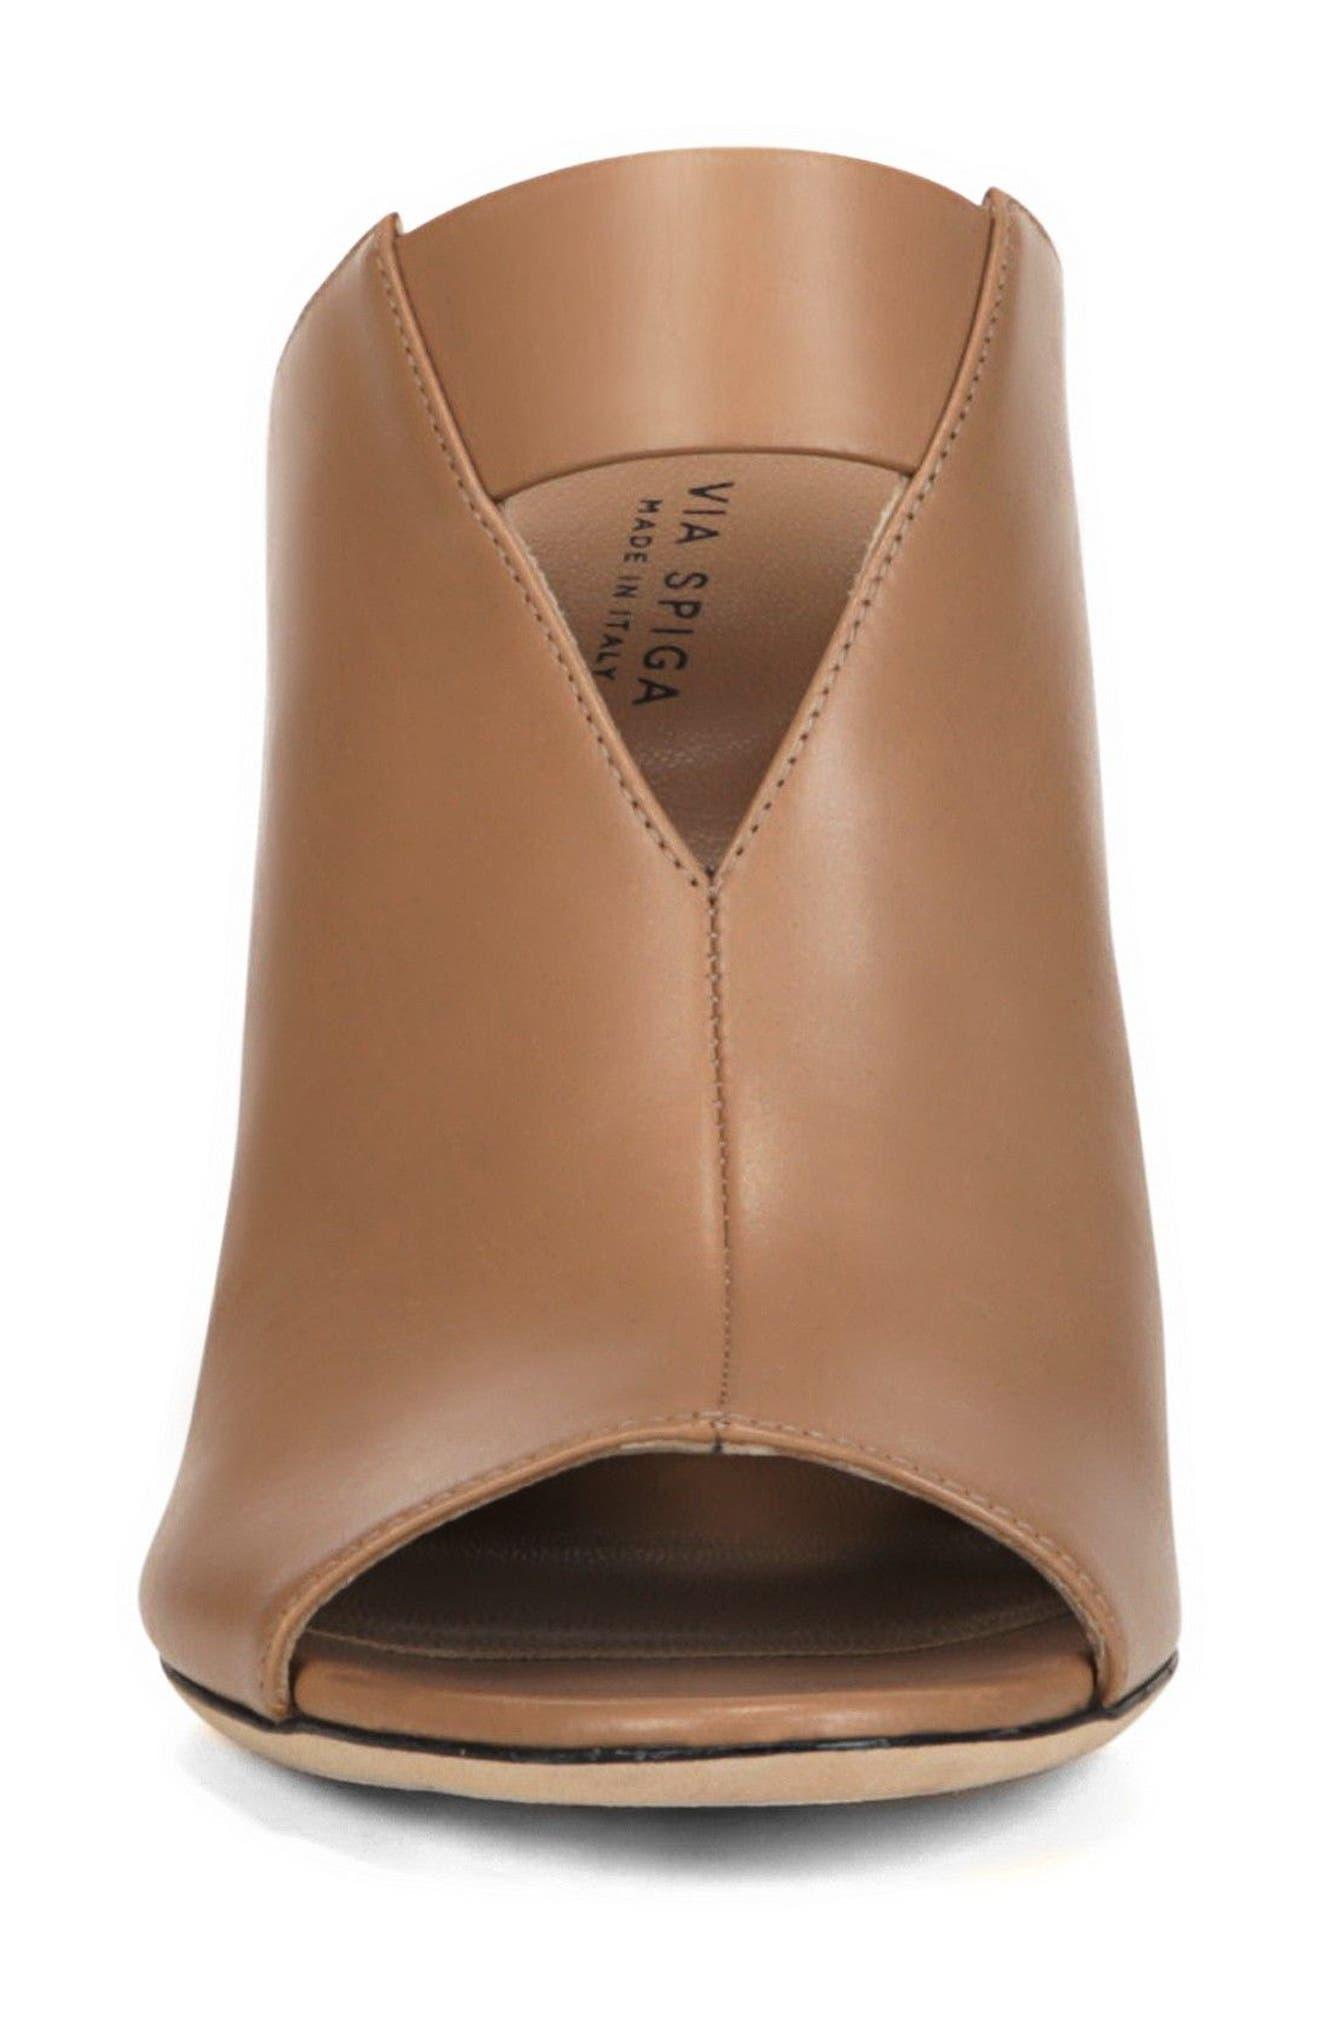 Mira Sandal,                             Alternate thumbnail 4, color,                             Desert Leather